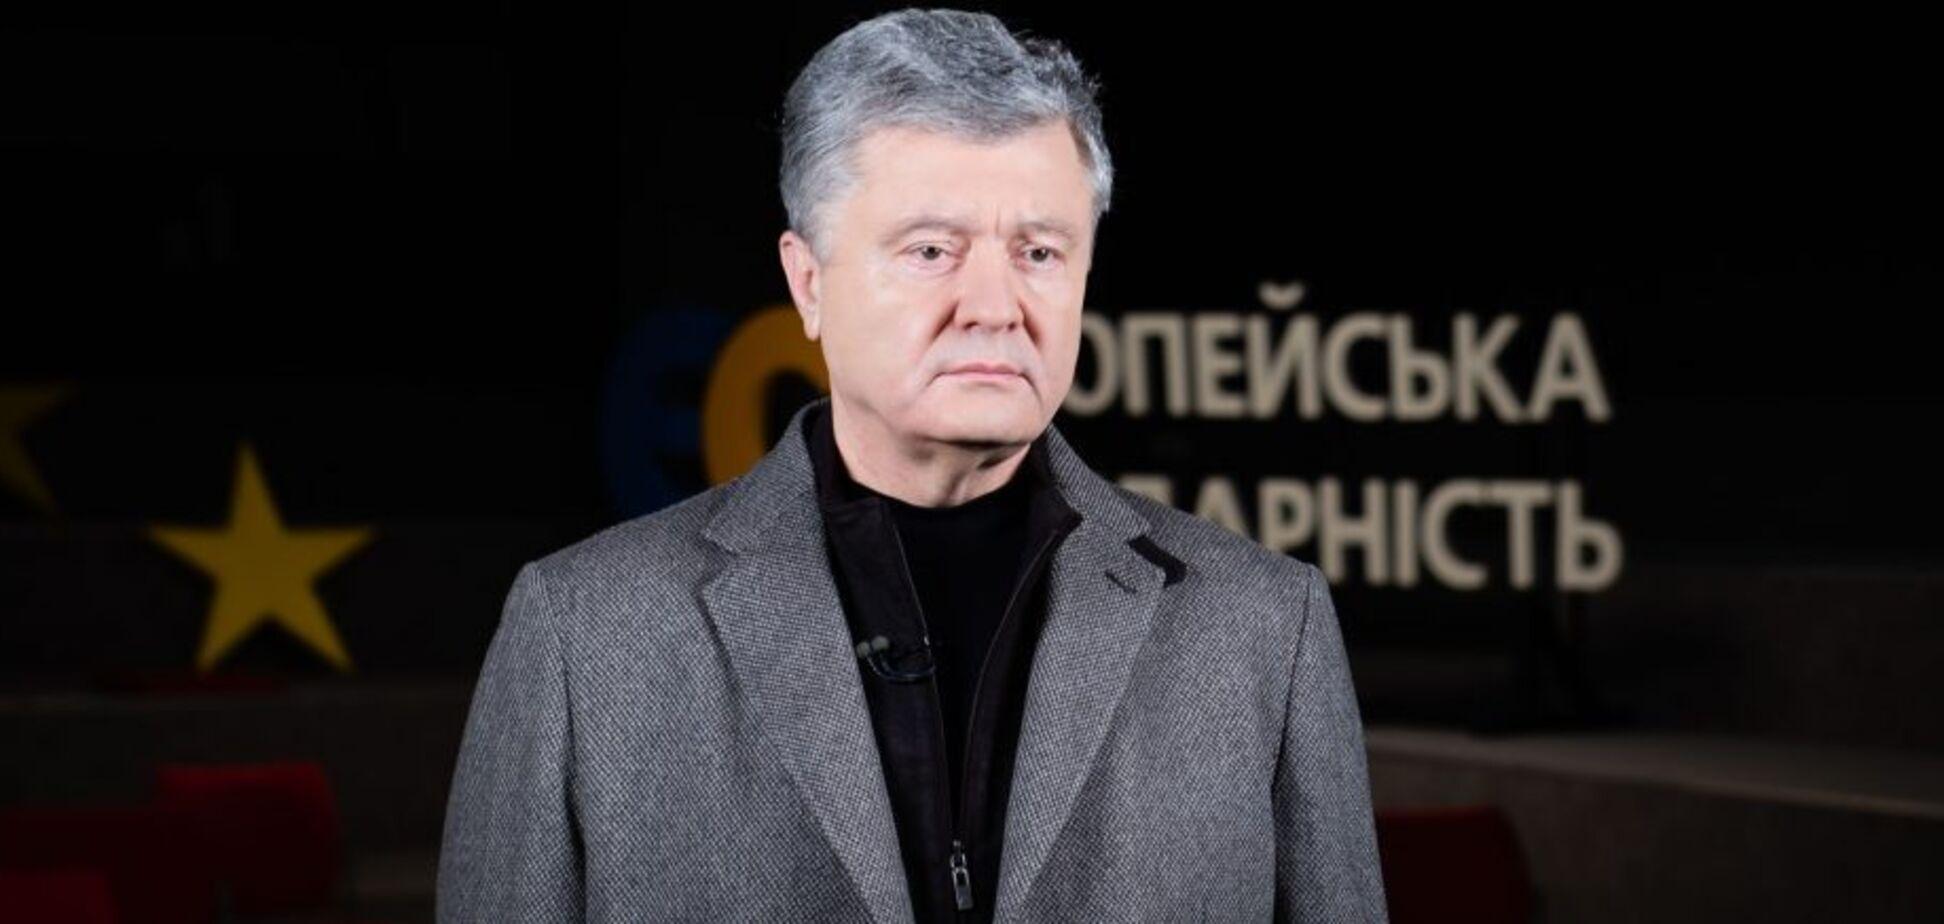 Петр Порошенко выразил свою позицию по делу генерала Назарова